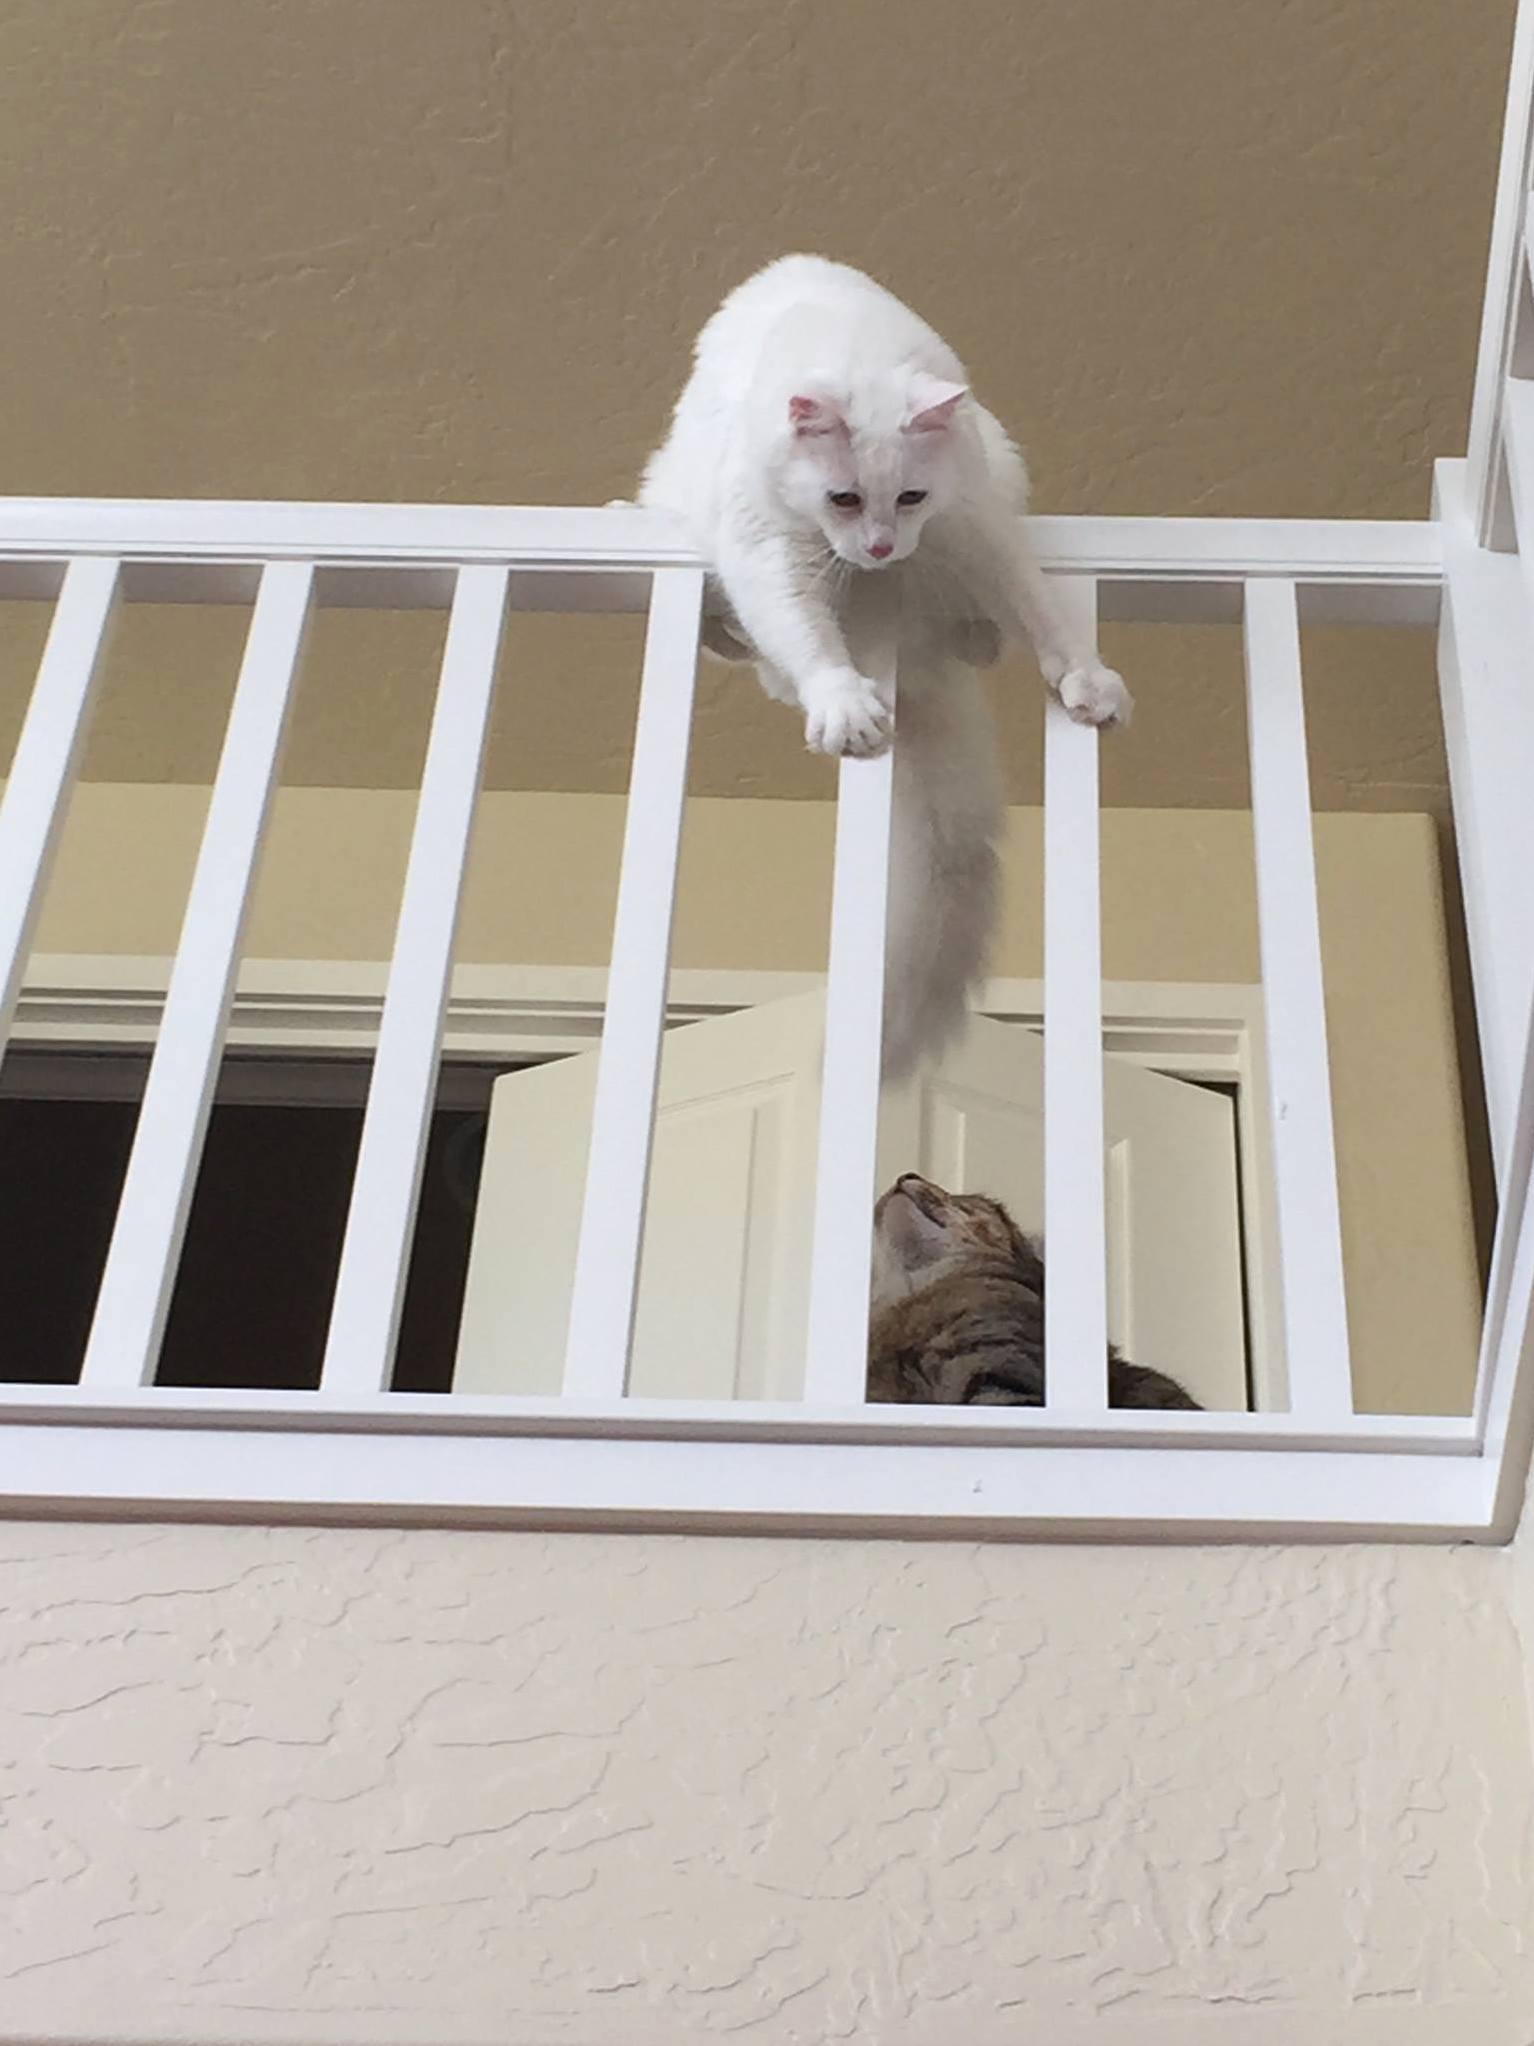 Jump i dare you.